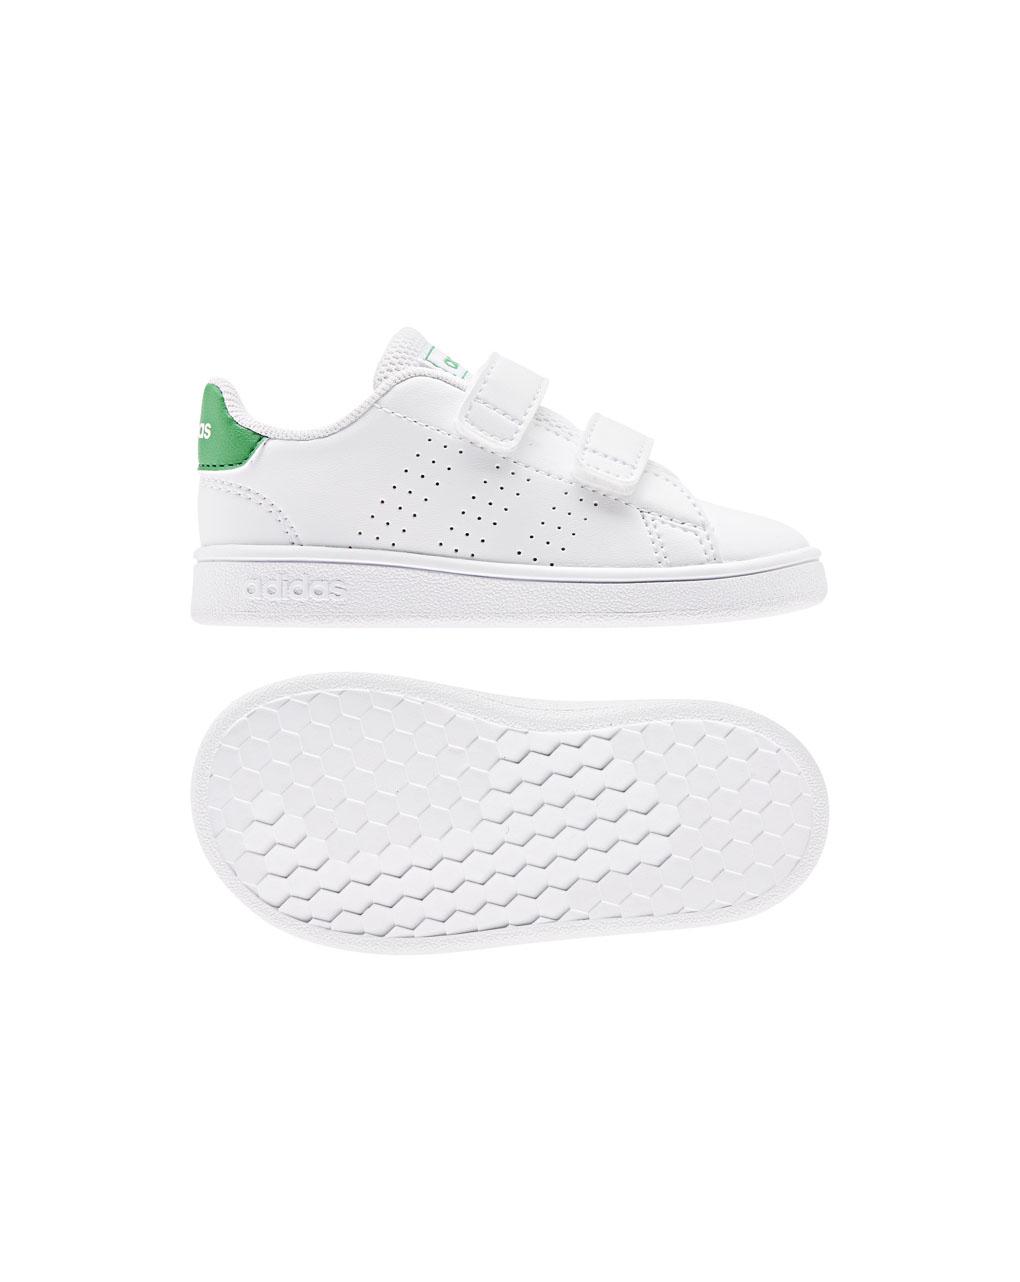 Αθλητικά Παπούτσια Adidas Advantage I EF0301 για Αγόρι